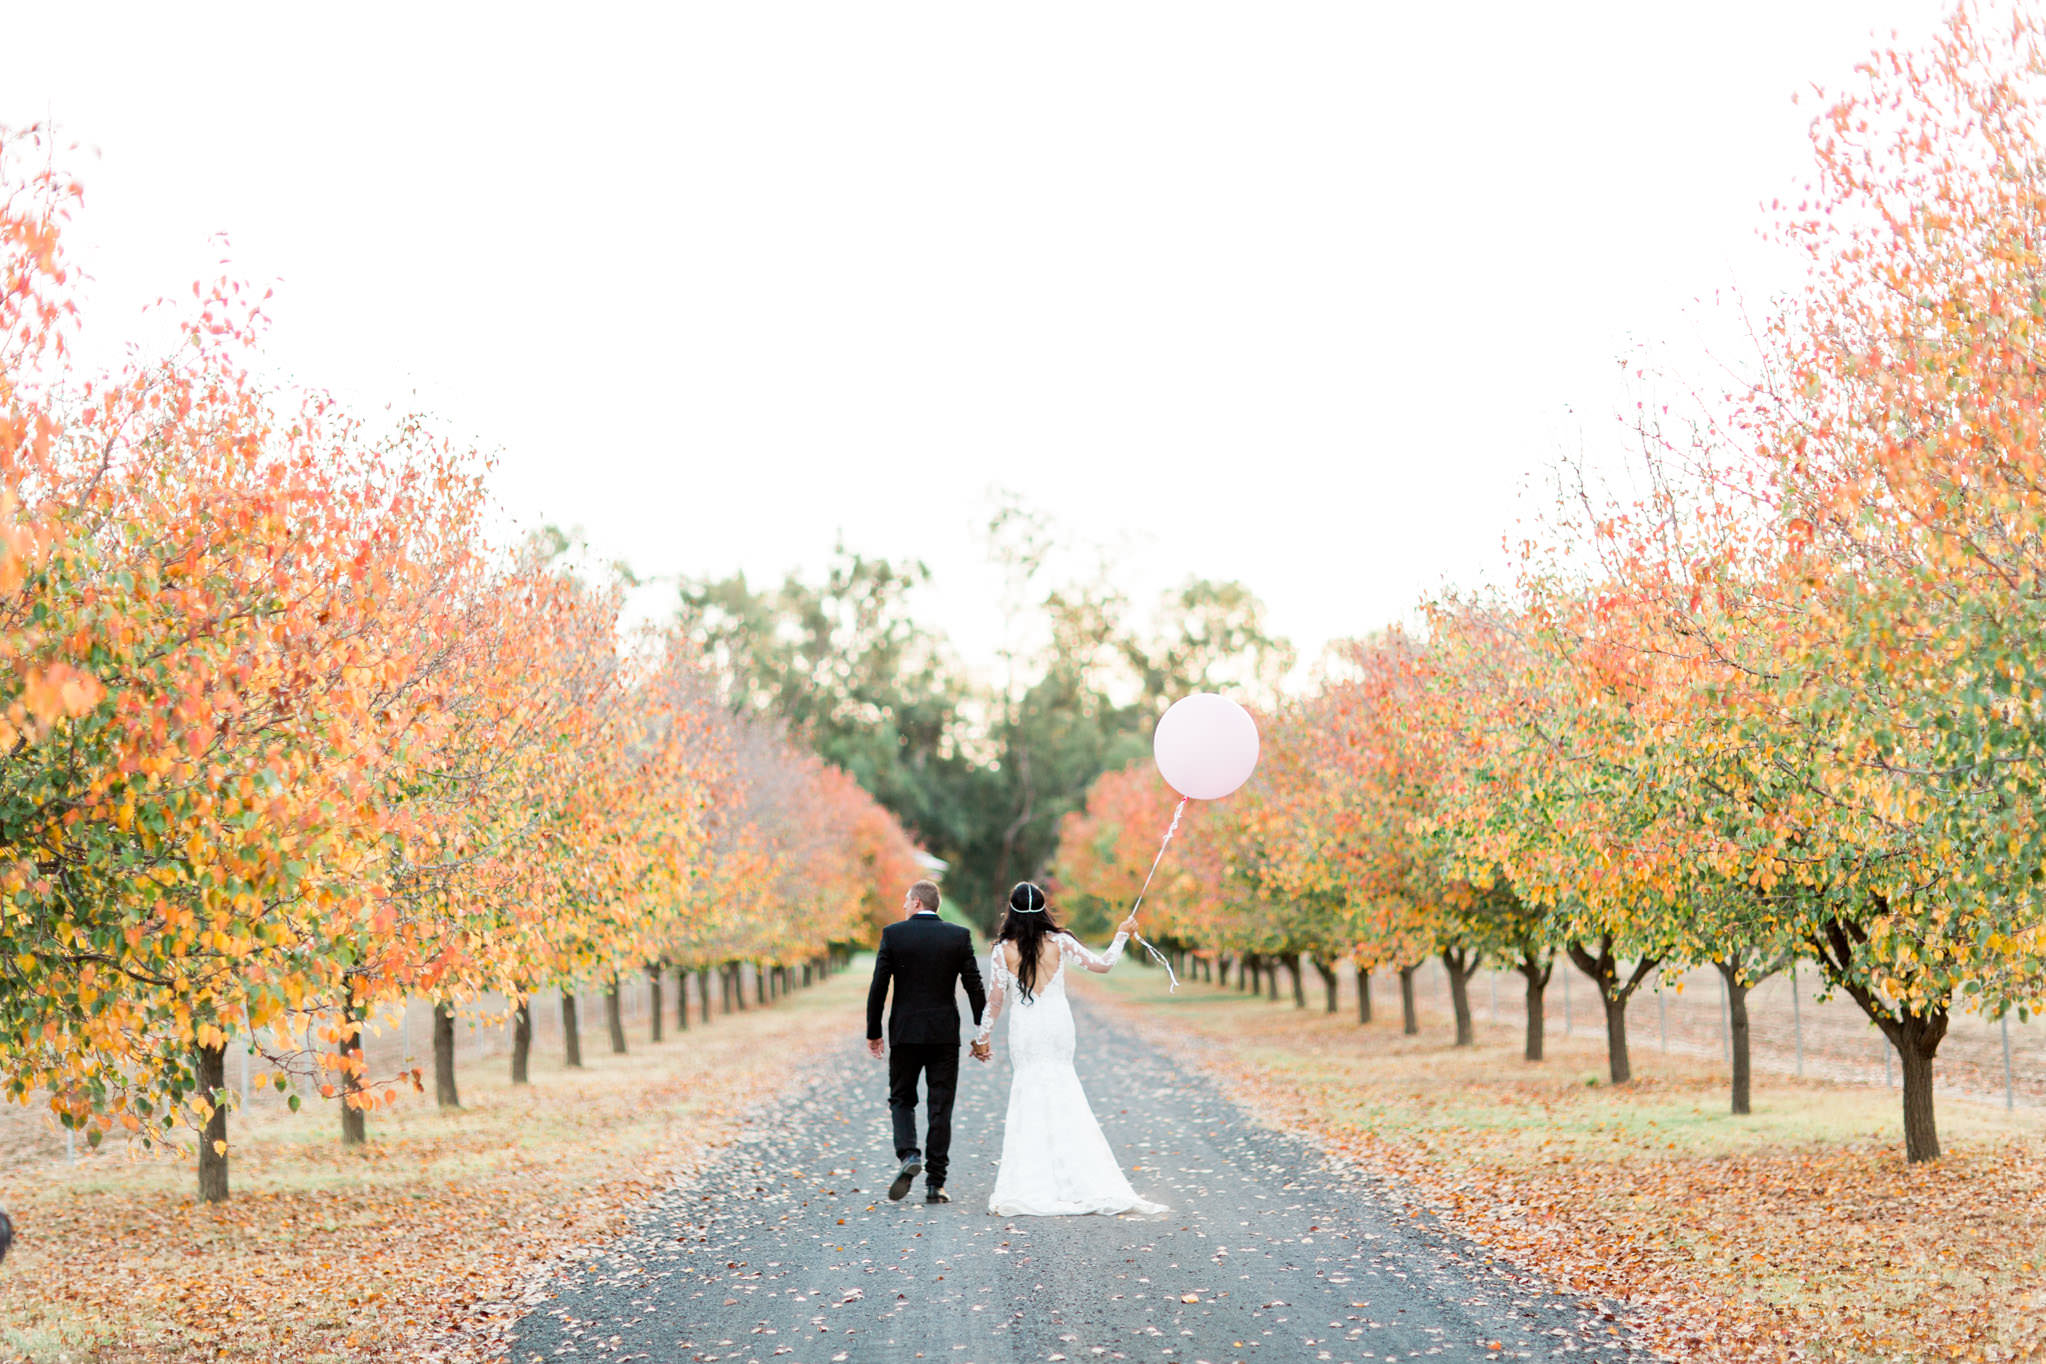 WeddingPhotos_Facebook_2046pixels-1607.jpg